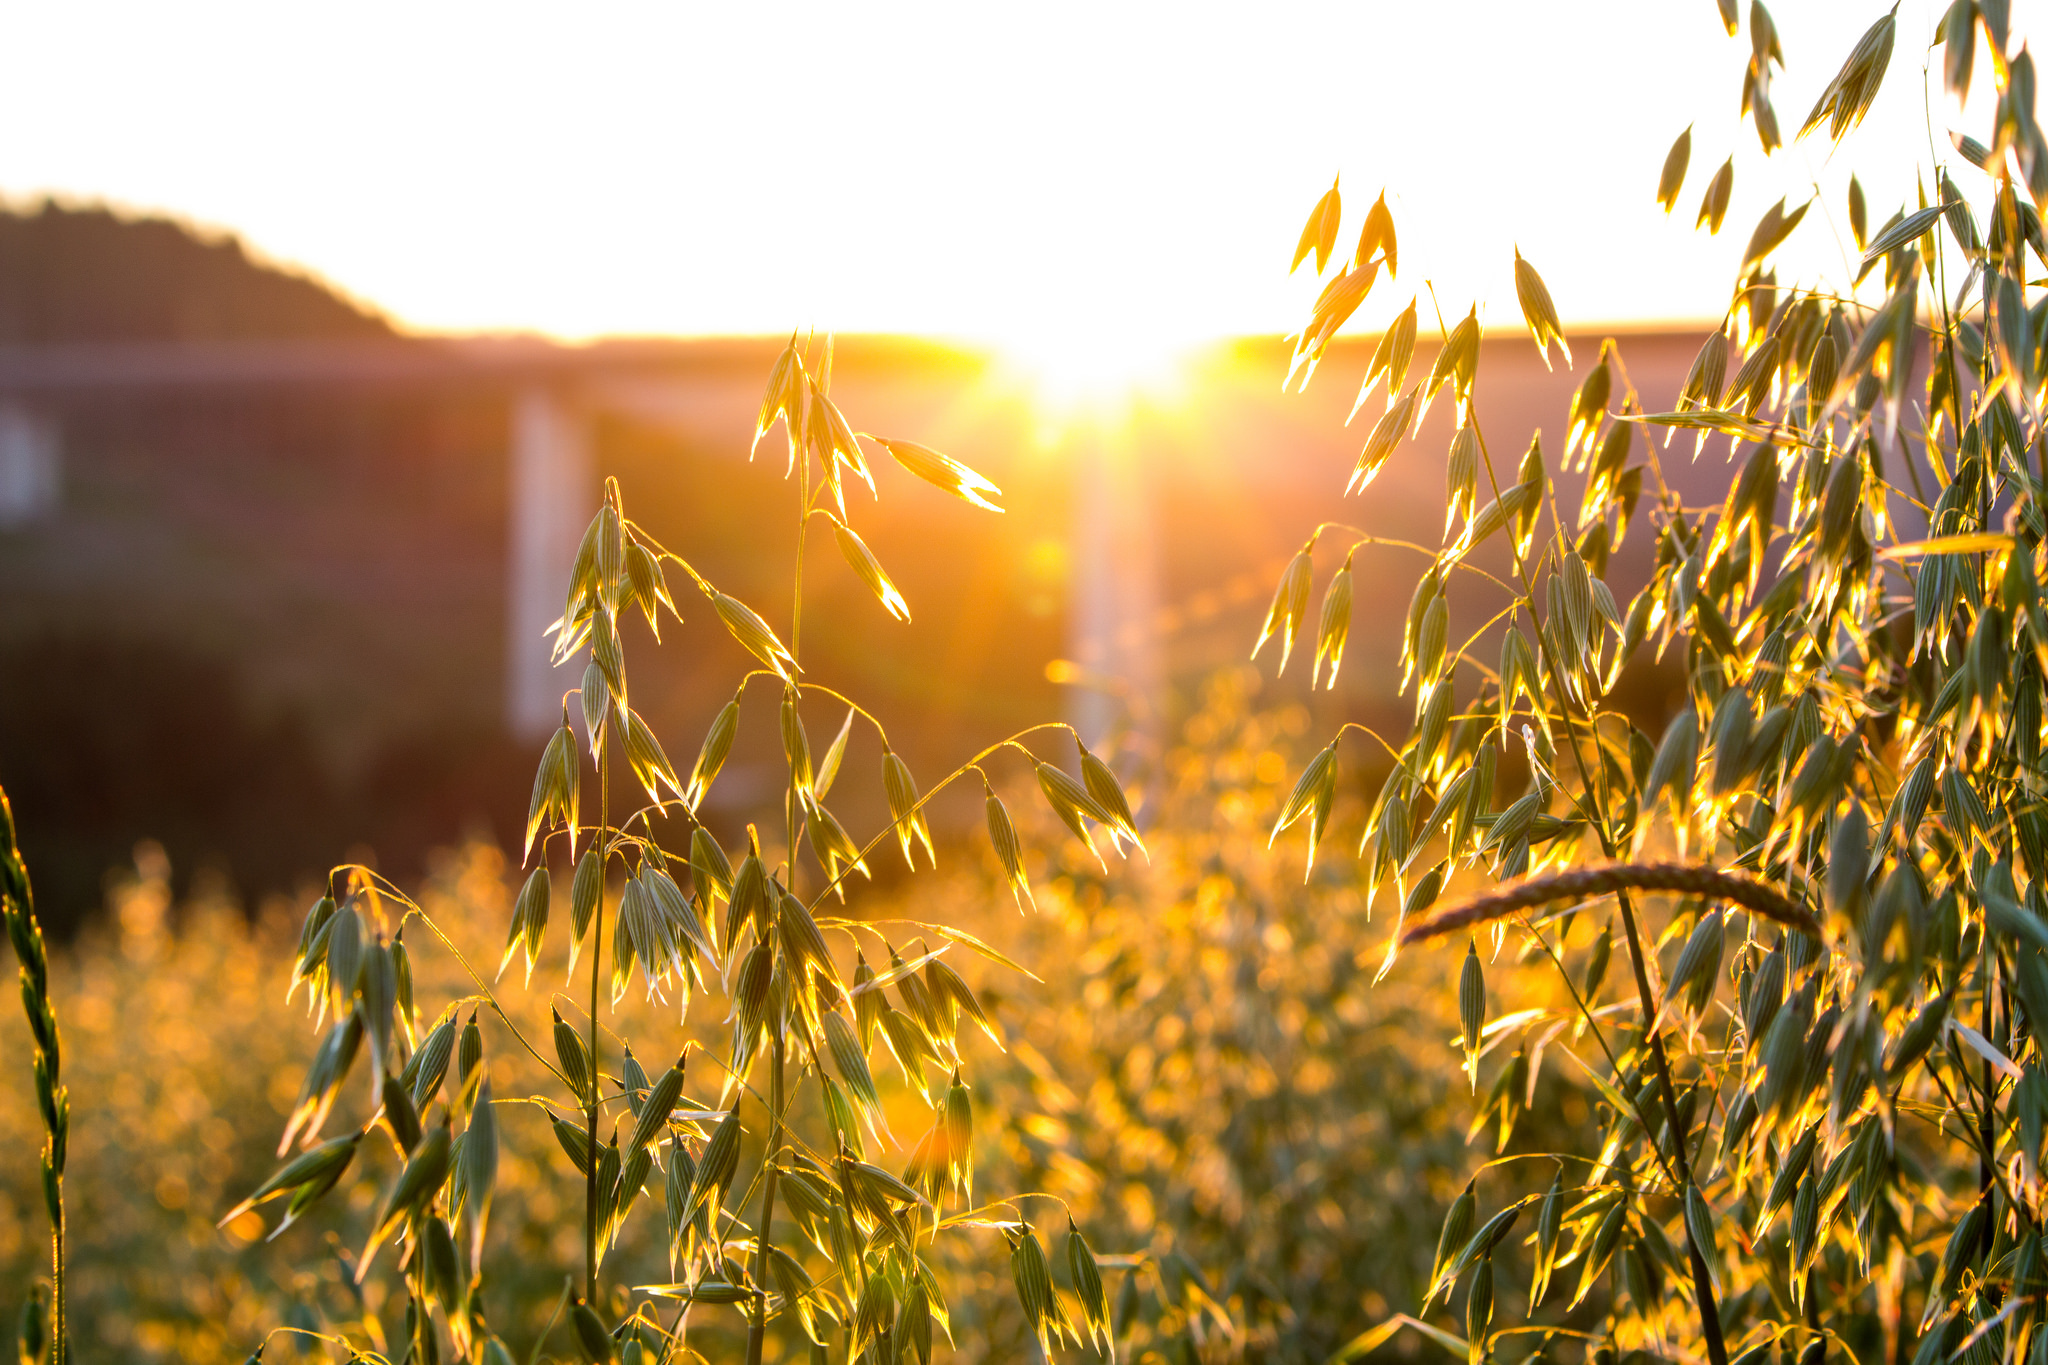 Sun shining through oats